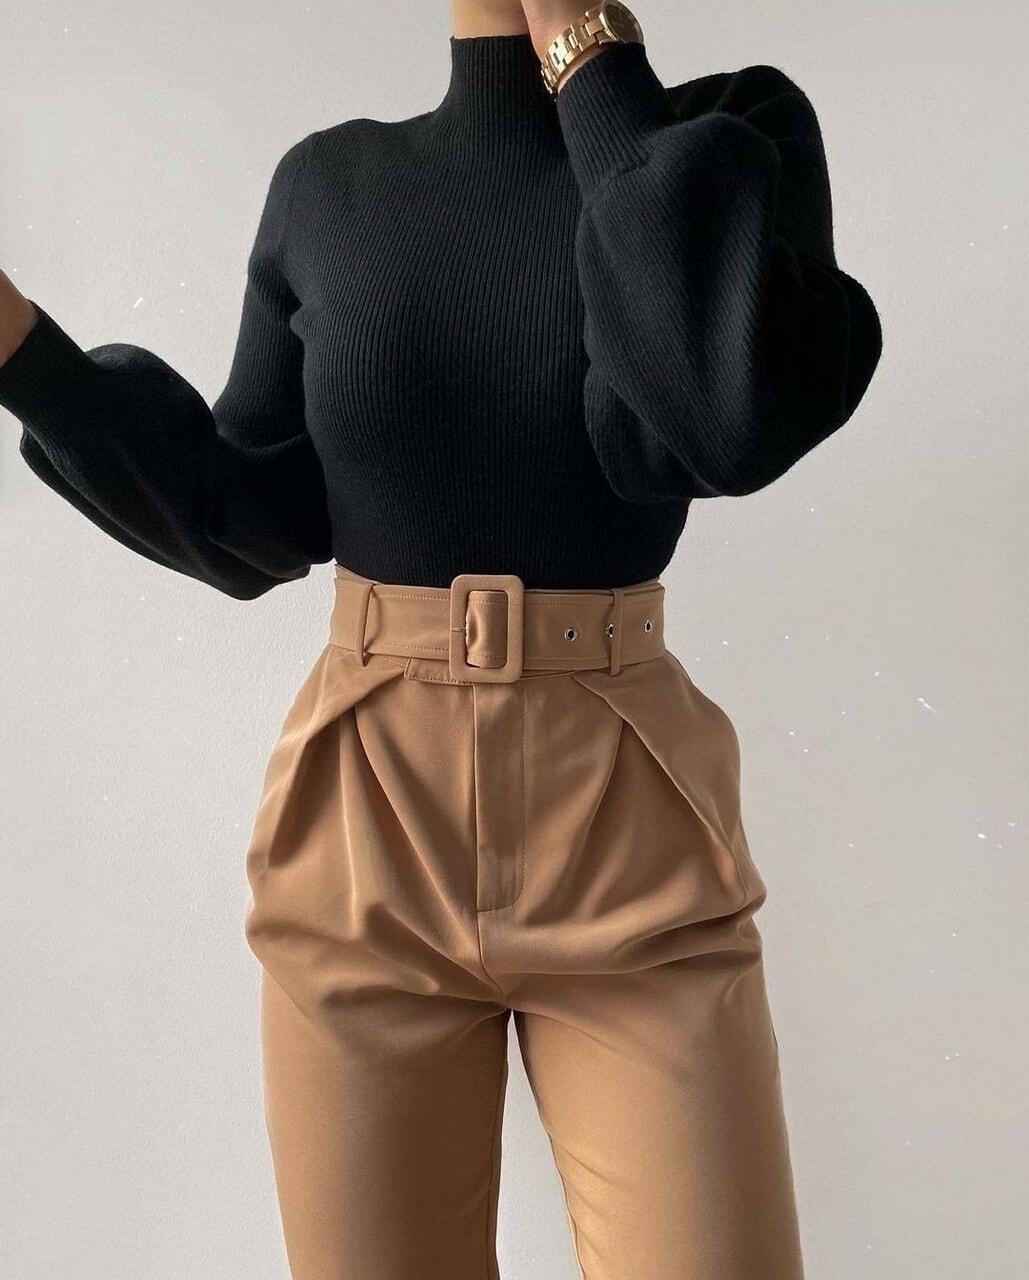 fashion, aesthetics, and black image